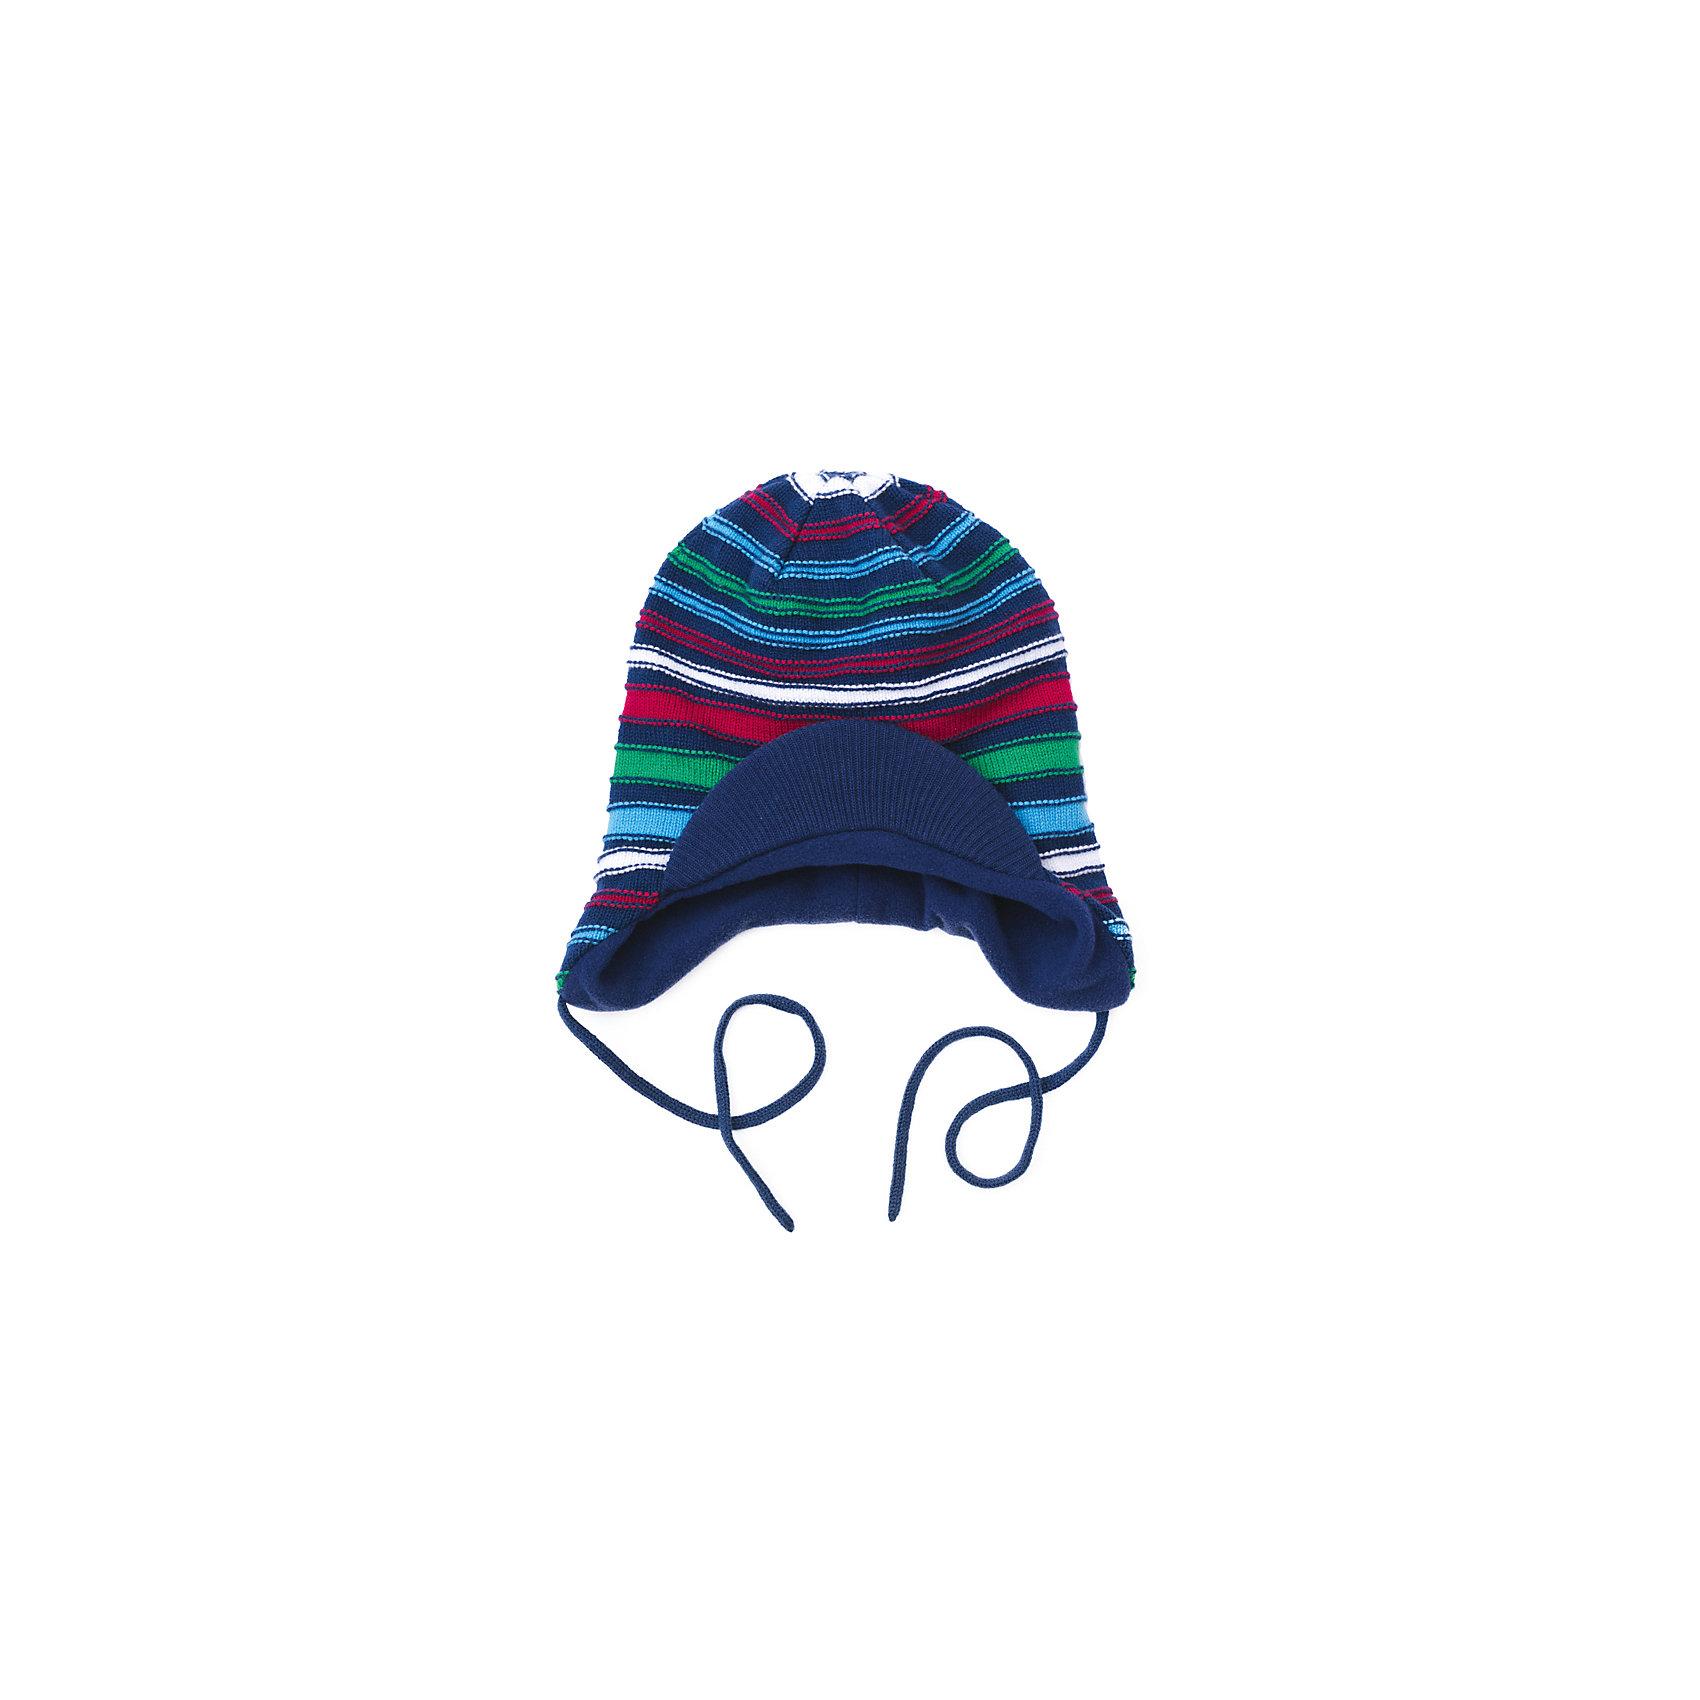 Шапка для мальчика PlayTodayДемисезонные<br>Шапка для мальчика PlayToday<br>Шапка для мальчика из трикотажа на подкладке  с козырьком и на завязках подойдет для прогулок в прохладную погоду.  Эргономичная конструкция этой шапки предохранит уши Вашего ребенка от сильного ветра. Плотно прилегает к голове <br><br>Преимущества: <br><br>Эргономичная конструкция защитит уши Вашего ребенка от сильного ветра<br>Шапка на подкладке<br>Плотно прилегает к голове<br><br>Состав:<br>60% хлопок, 40% акрил, Подкладка:100% полиэстер,<br><br>Ширина мм: 89<br>Глубина мм: 117<br>Высота мм: 44<br>Вес г: 155<br>Цвет: разноцветный<br>Возраст от месяцев: 24<br>Возраст до месяцев: 36<br>Пол: Мужской<br>Возраст: Детский<br>Размер: 50,54,52<br>SKU: 5402027